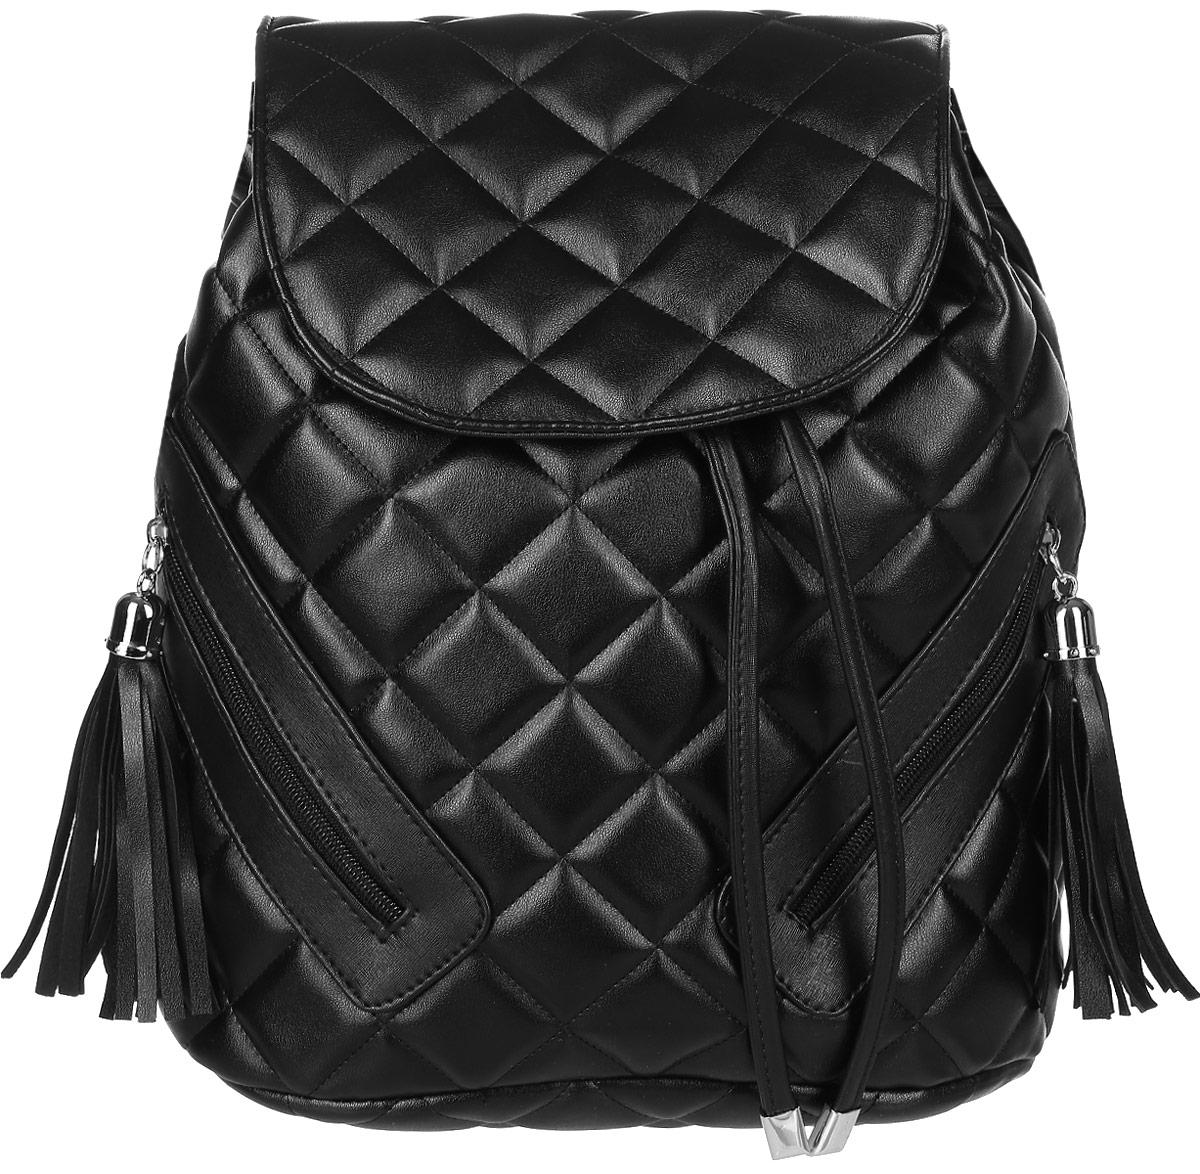 Рюкзак женский Аntan, цвет: черный. 4650065019910